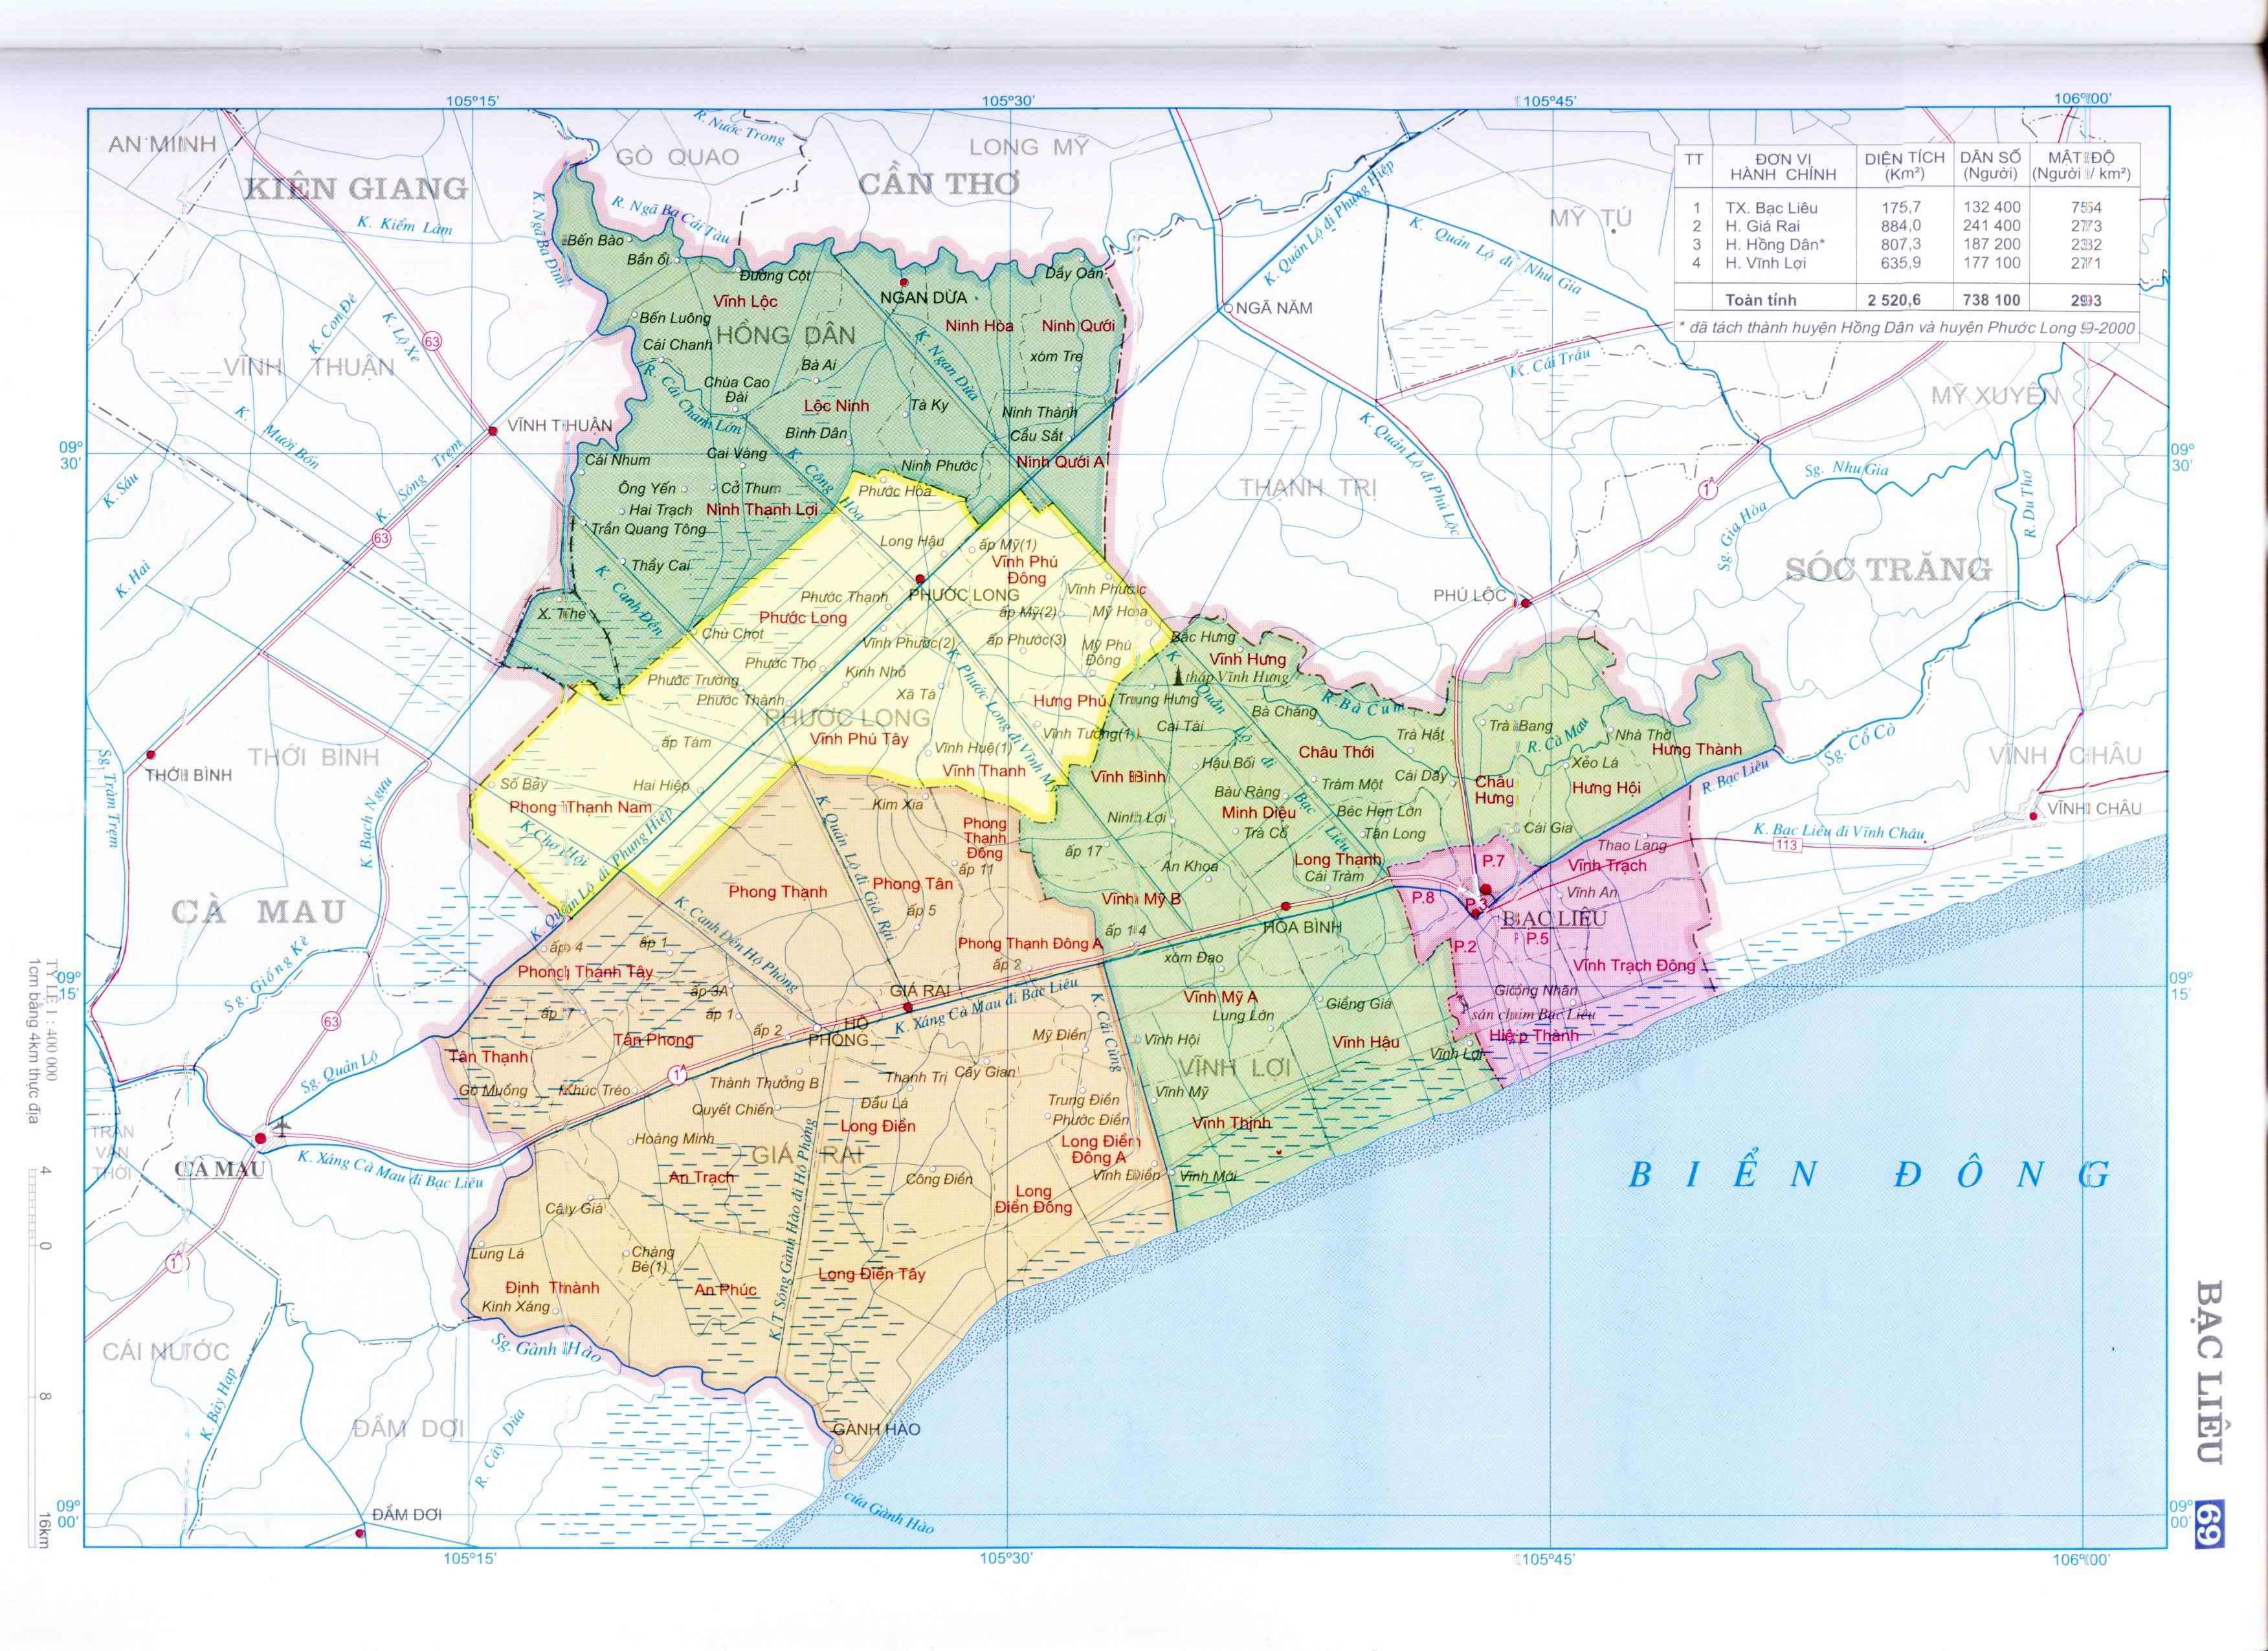 Bản đồ hành chính tỉnh Bạc Liêu